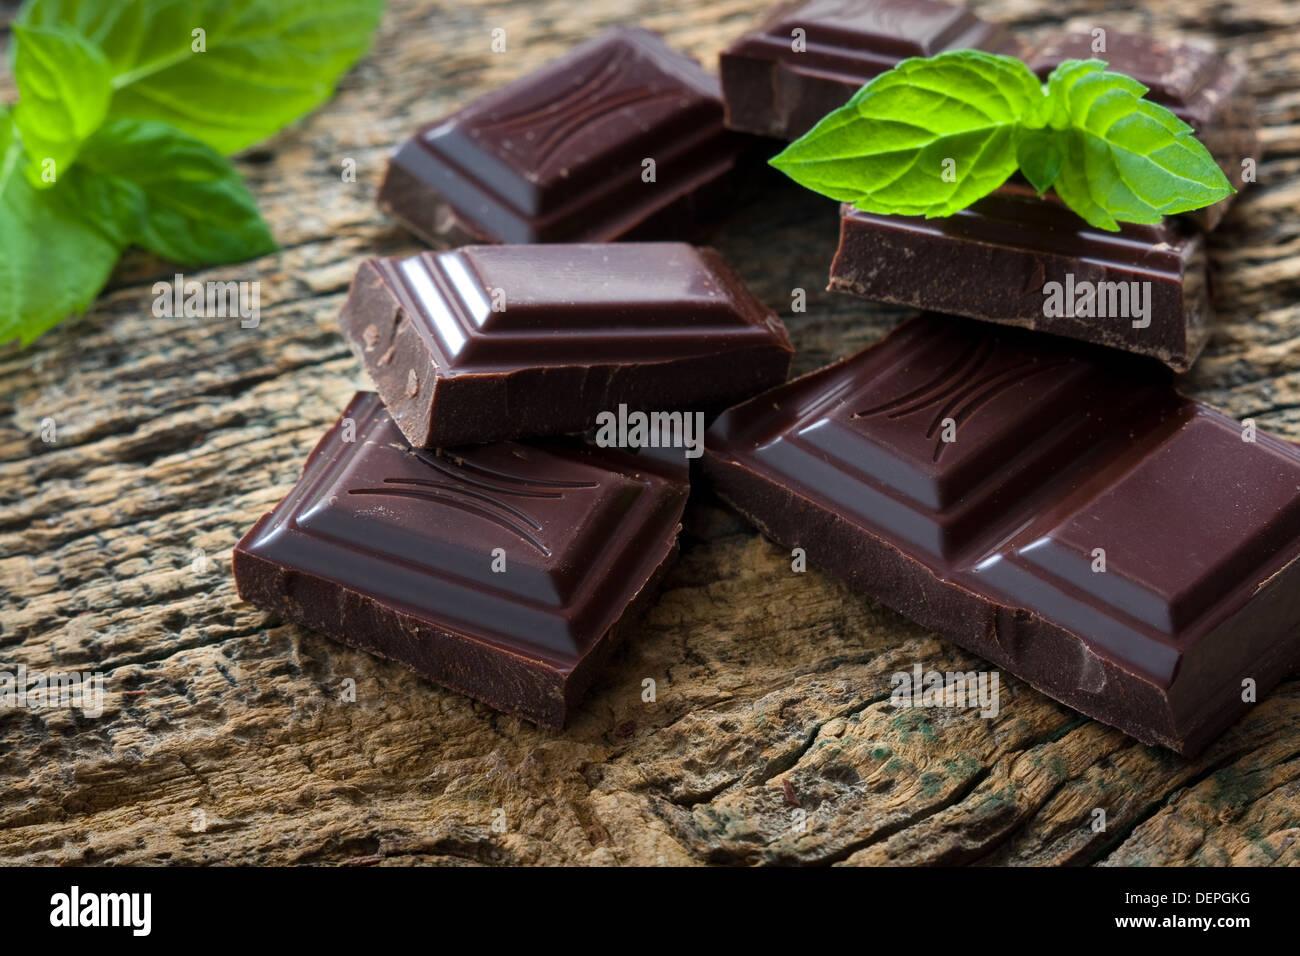 Morceaux de chocolat noir avec une feuille de menthe sur fond de bois Photo Stock